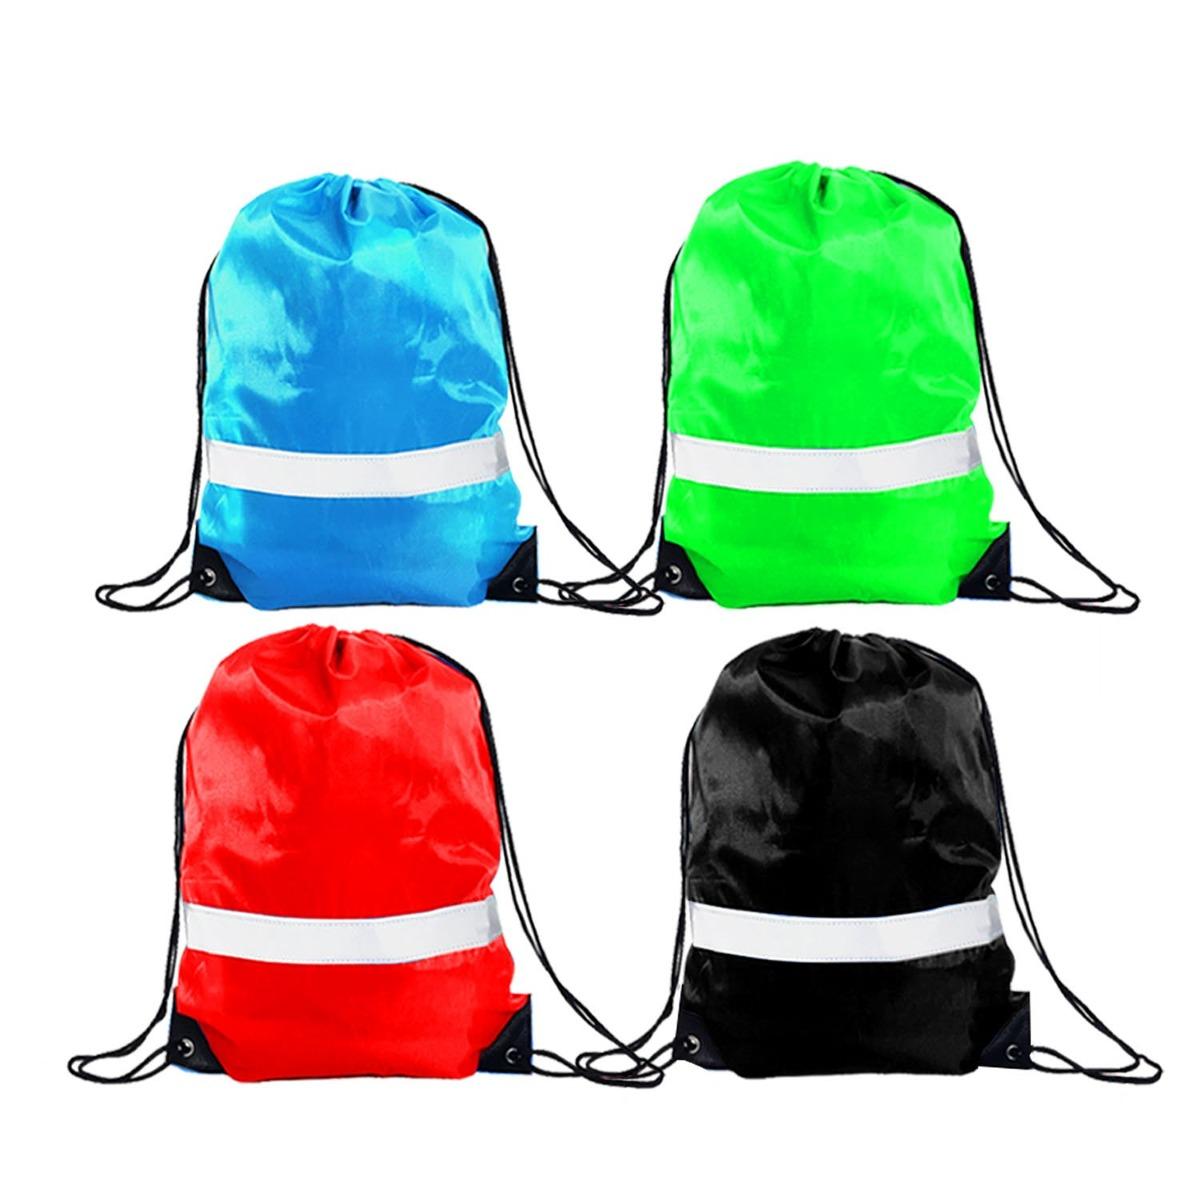 47e47aba2dcb9 con cordón reflexivo mochila bolsas - saco mochila deporte. Cargando zoom.